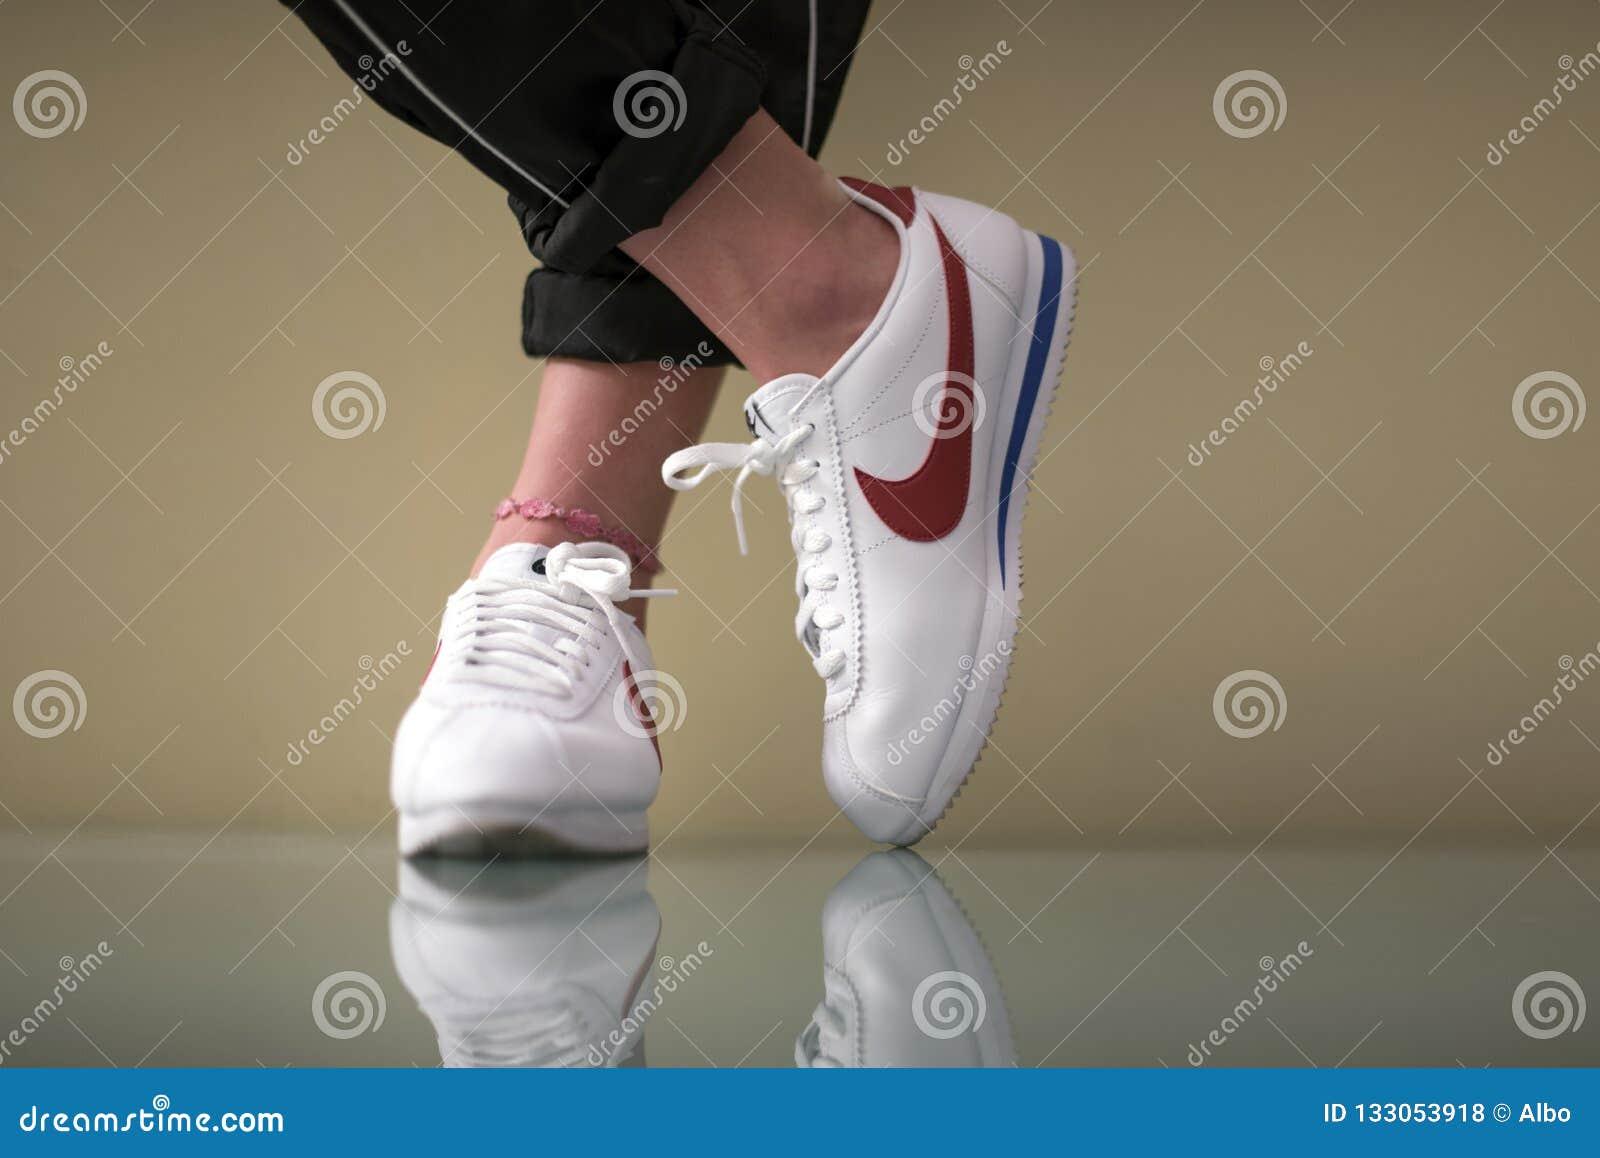 Nike Cortez indoor editorial stock